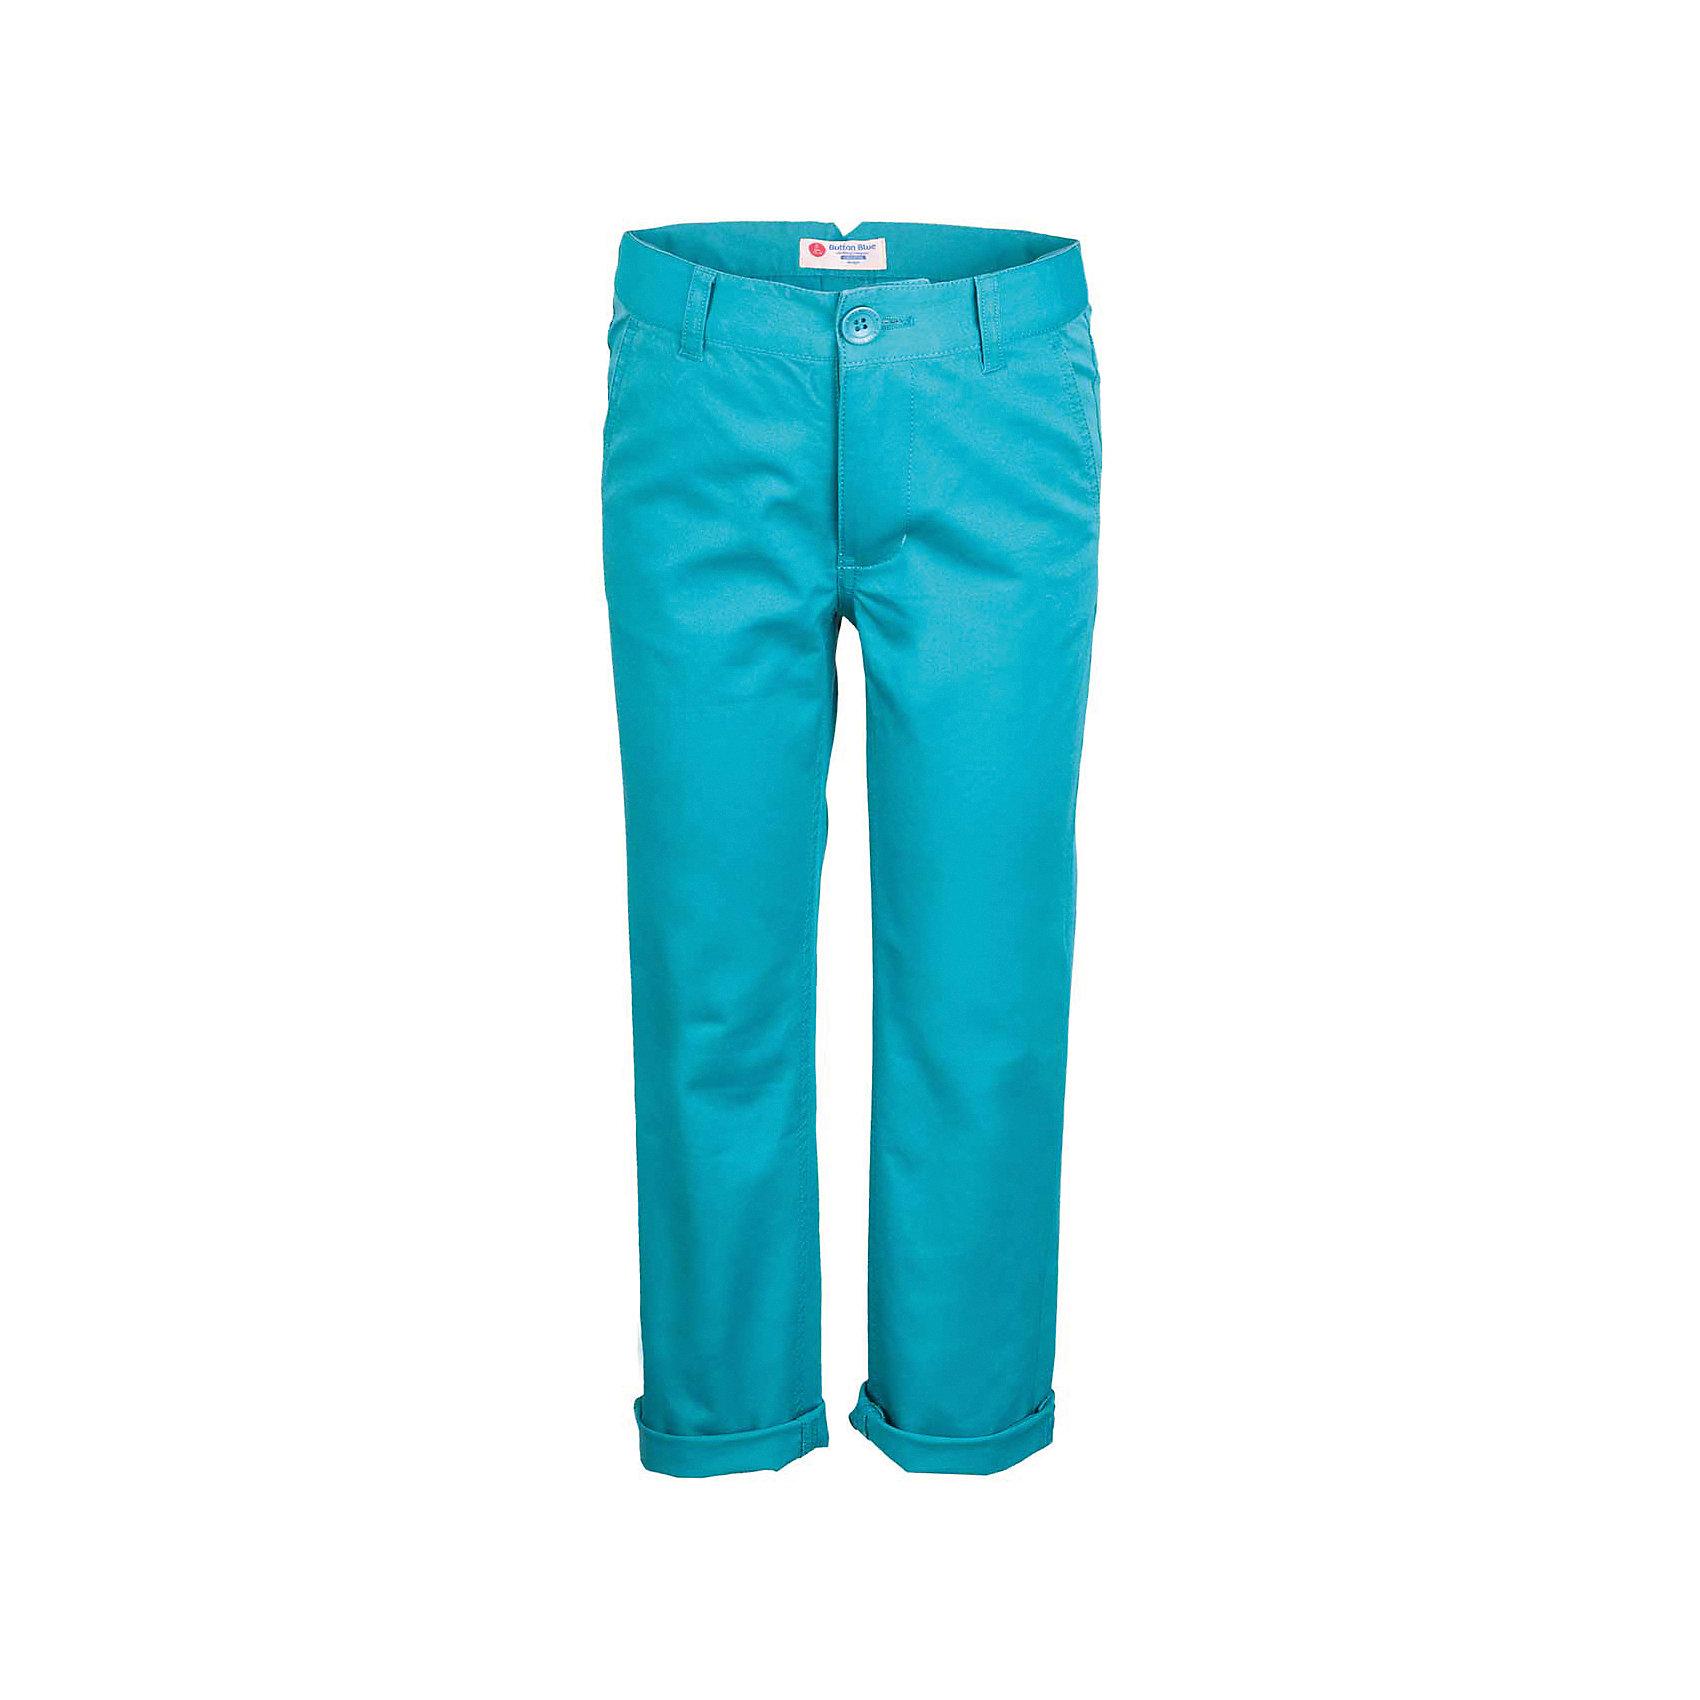 Брюки для мальчика  BUTTON BLUEБрюки<br>Брюки для мальчика  BUTTON BLUE<br>Яркие брюки - залог стильного образа для каждого дня лета. Отличные брюки из хлопка с эластаном гарантируют прекрасный внешний вид, комфорт и свободу движений. В компании с любой майкой, футболкой, джемпером брюки составят достойный летний комплект. Если вы хотите купить недорогие детские брюки, не сомневаясь в их качестве, высоких потребительских свойствах и соответствии модным трендам, брюки для мальчика от Button Blue - лучший вариант!<br>Состав:<br>97% хлопок 3%эластан<br><br>Ширина мм: 215<br>Глубина мм: 88<br>Высота мм: 191<br>Вес г: 336<br>Цвет: бирюзовый<br>Возраст от месяцев: 144<br>Возраст до месяцев: 156<br>Пол: Мужской<br>Возраст: Детский<br>Размер: 158,140,110,116,122,128,134,146,152<br>SKU: 5524679